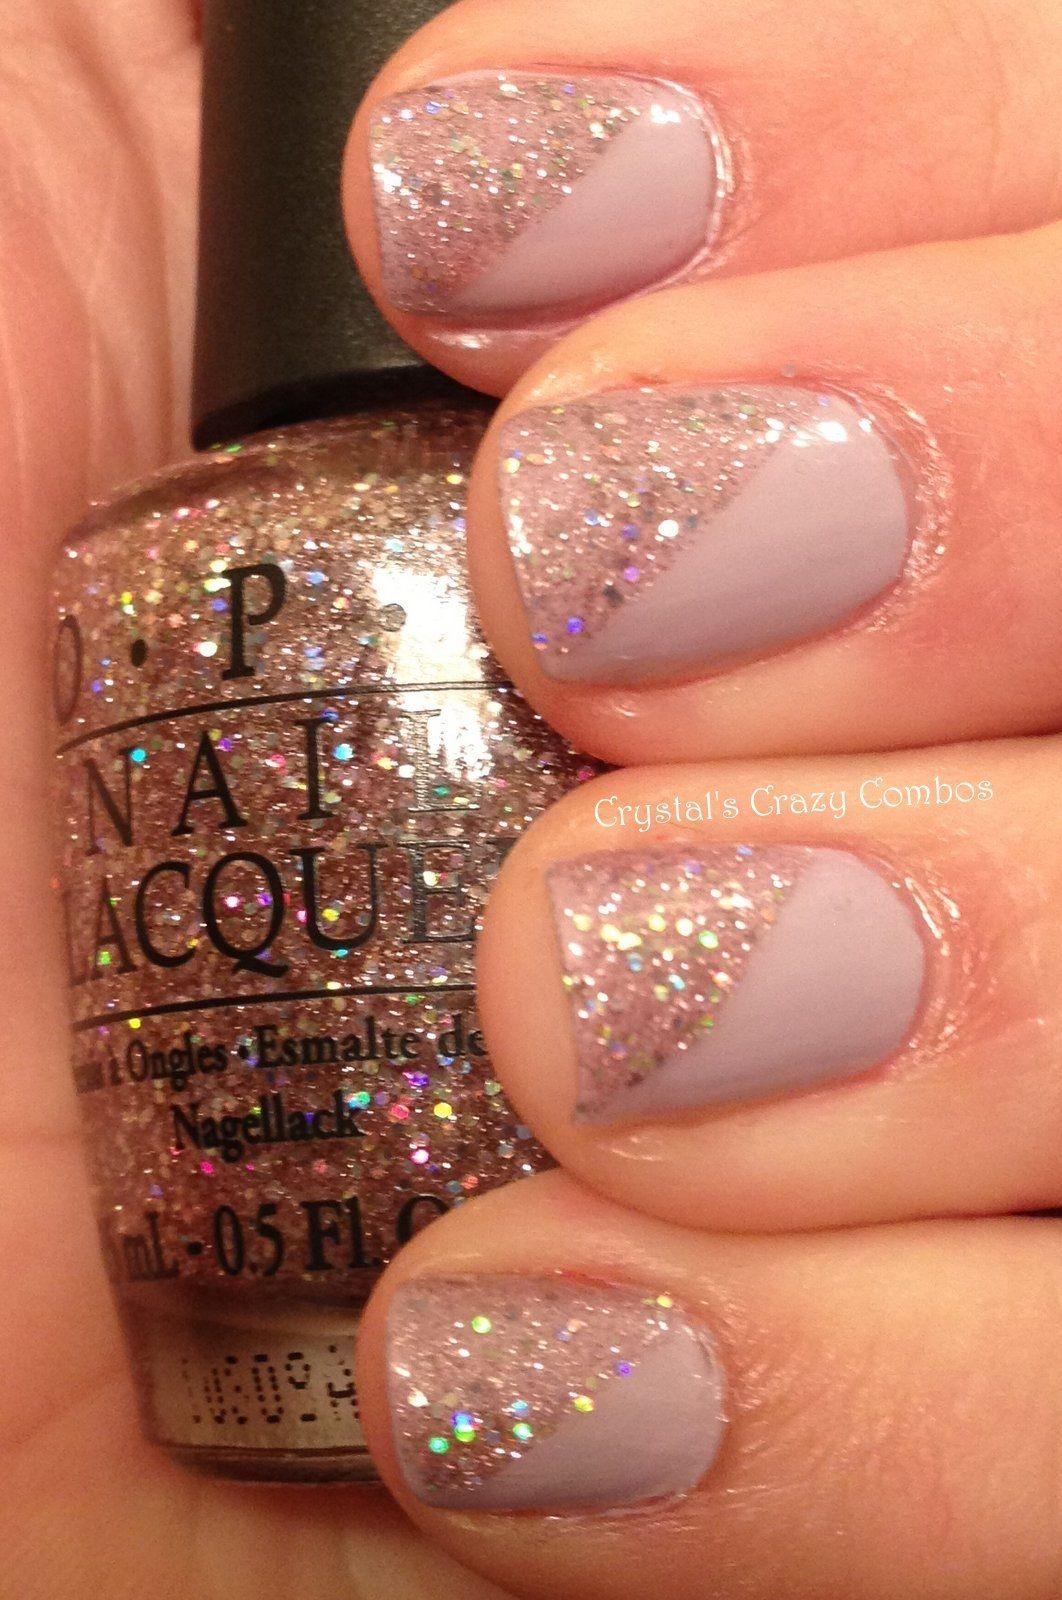 Cute Glitter Nail Art Designs - Cute Glitter Nail Art Designs Classy Nail Arts Pinterest